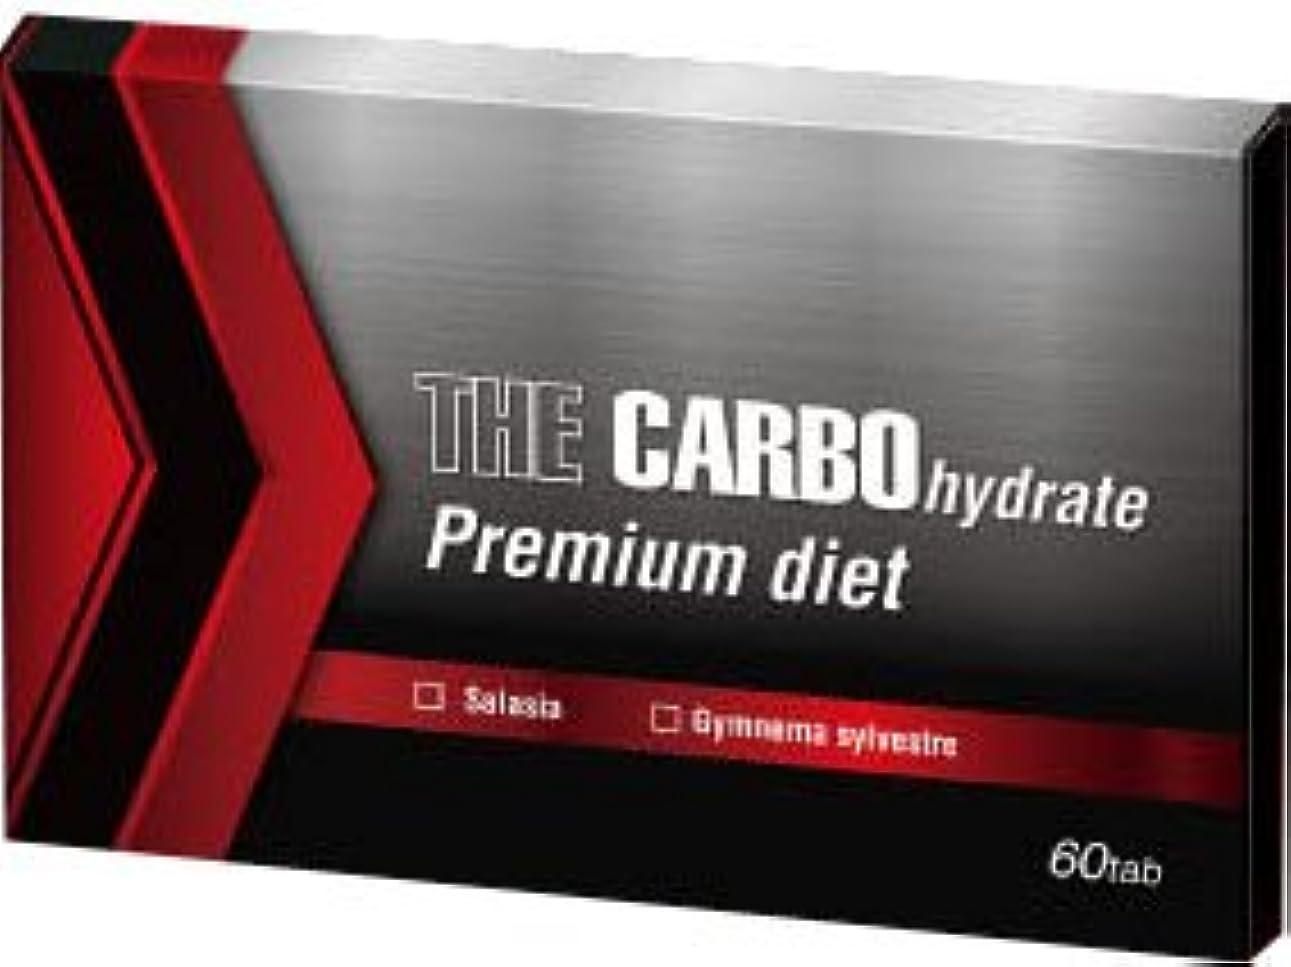 制裁新鮮な避難するザ?糖質プレミアムダイエット60Tab〔THE CARBO hydrate Premium daiet〕